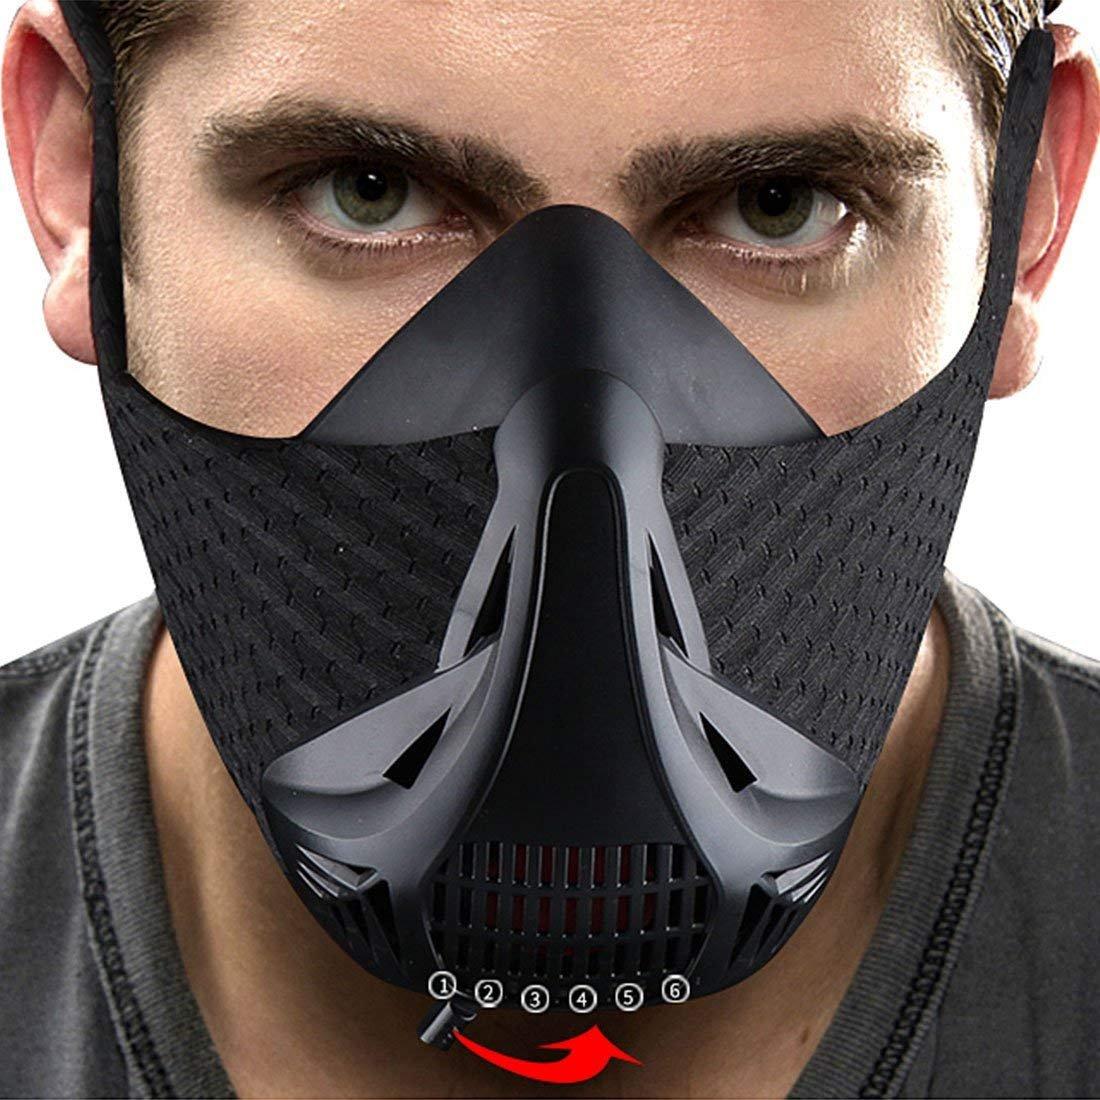 LEOSO training Mask sport allenamento per correre Biking fitness High altitude simulazione maschera per top performance limitando respirazione Mask 3.0 6 livello maschera, Black 6 Level LoveUlife